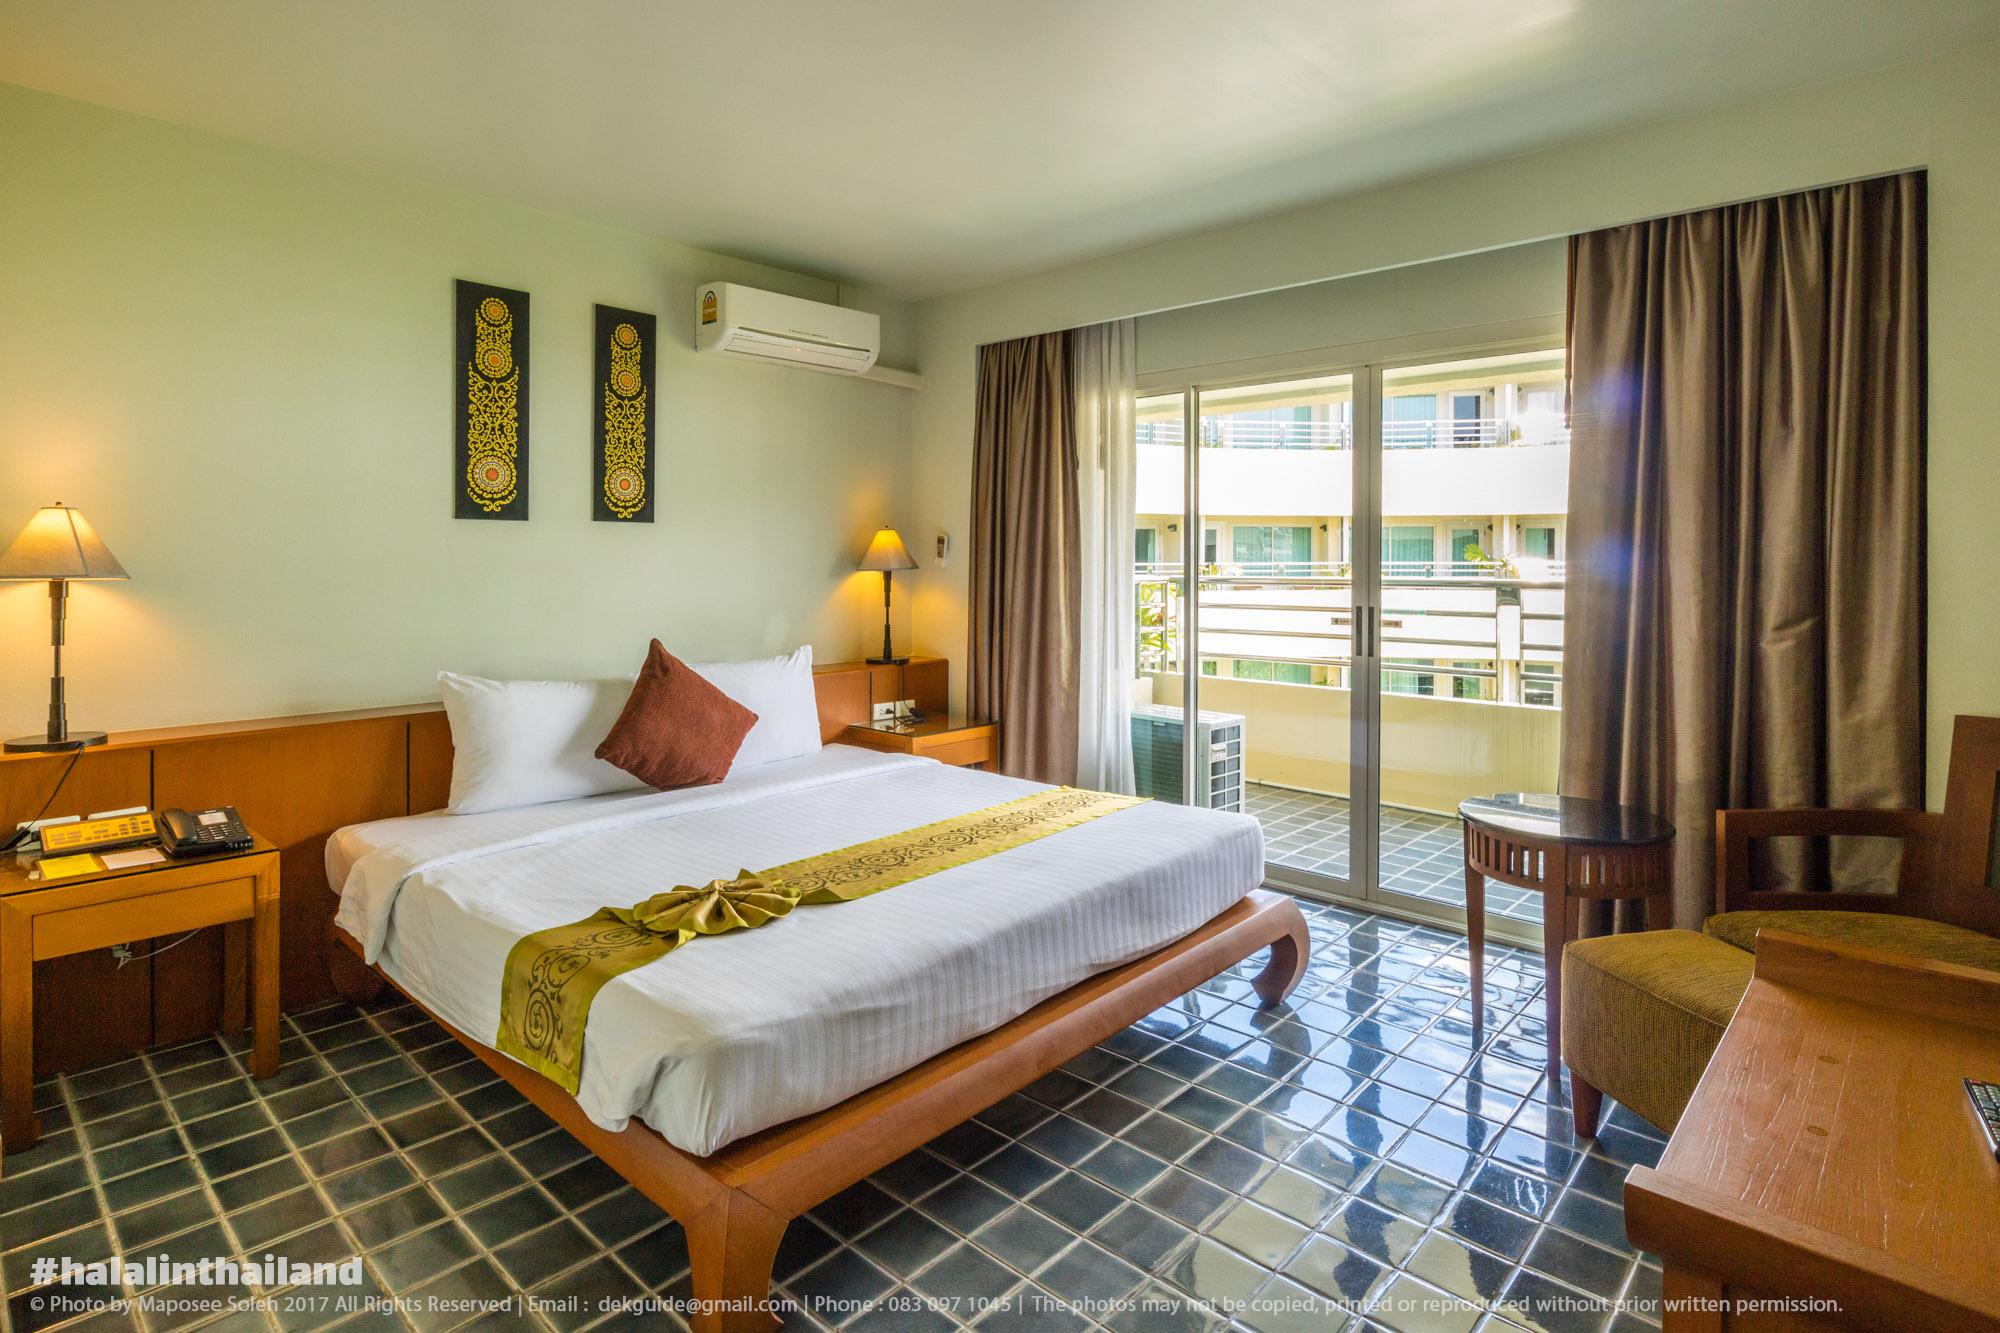 The Royal Paradise Halal Hotel Phuket